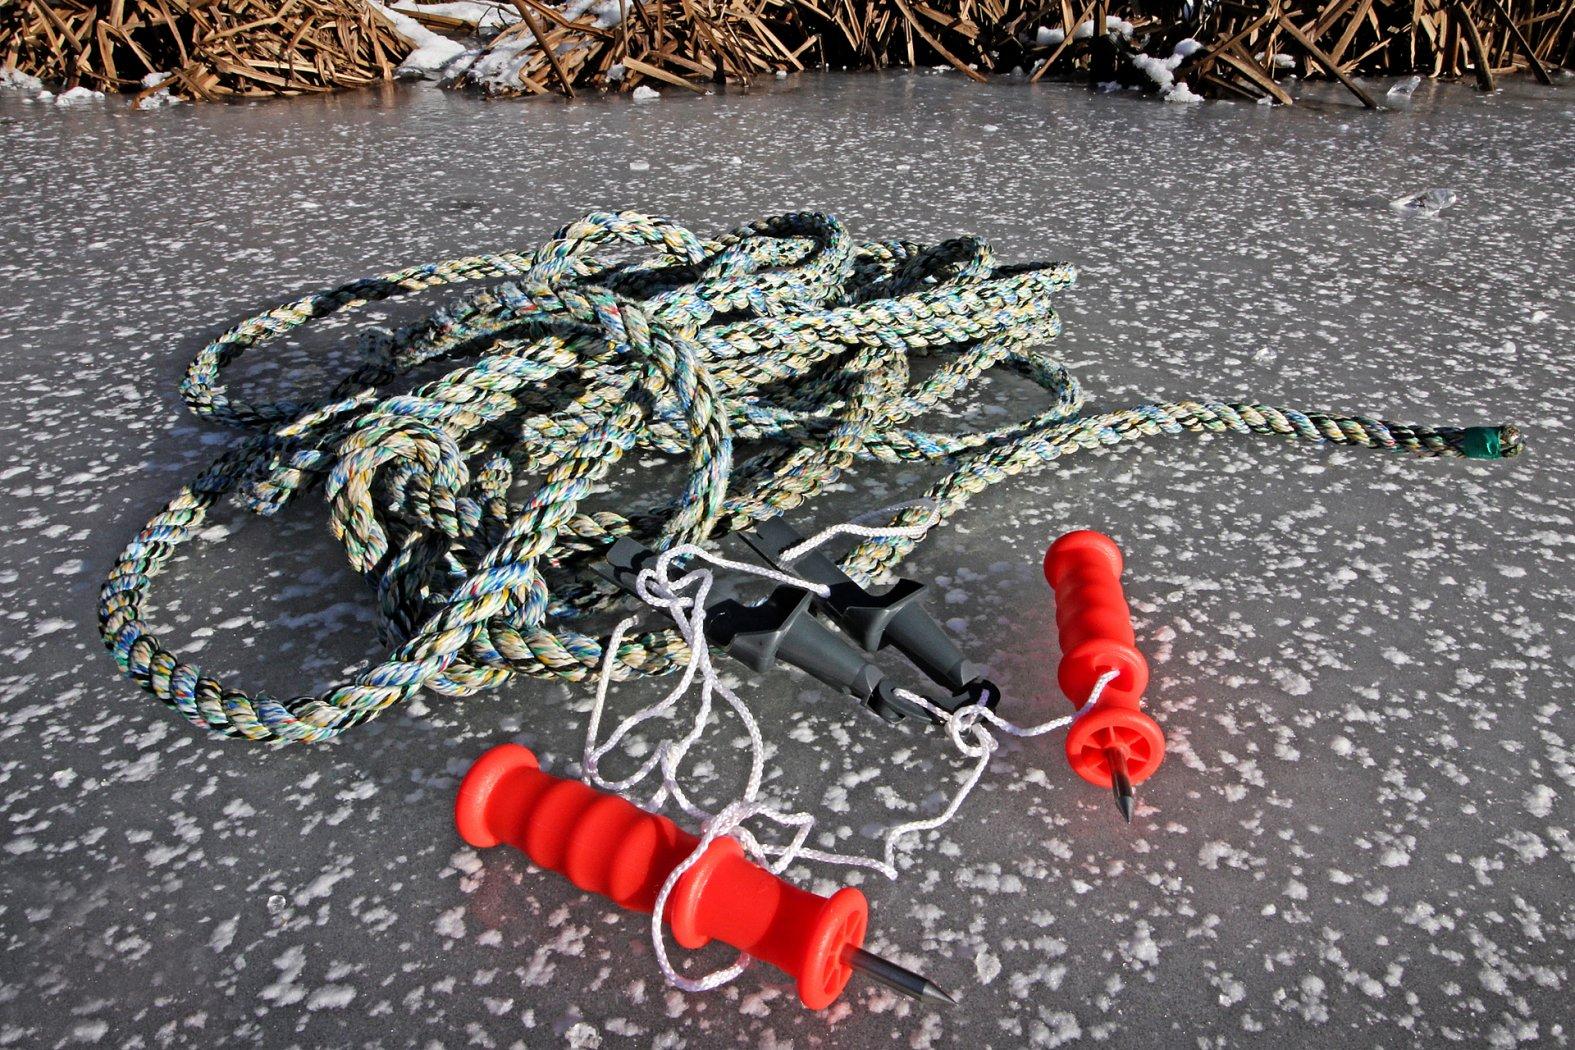 Eispickel und Rettungsseil beim Eisangeln